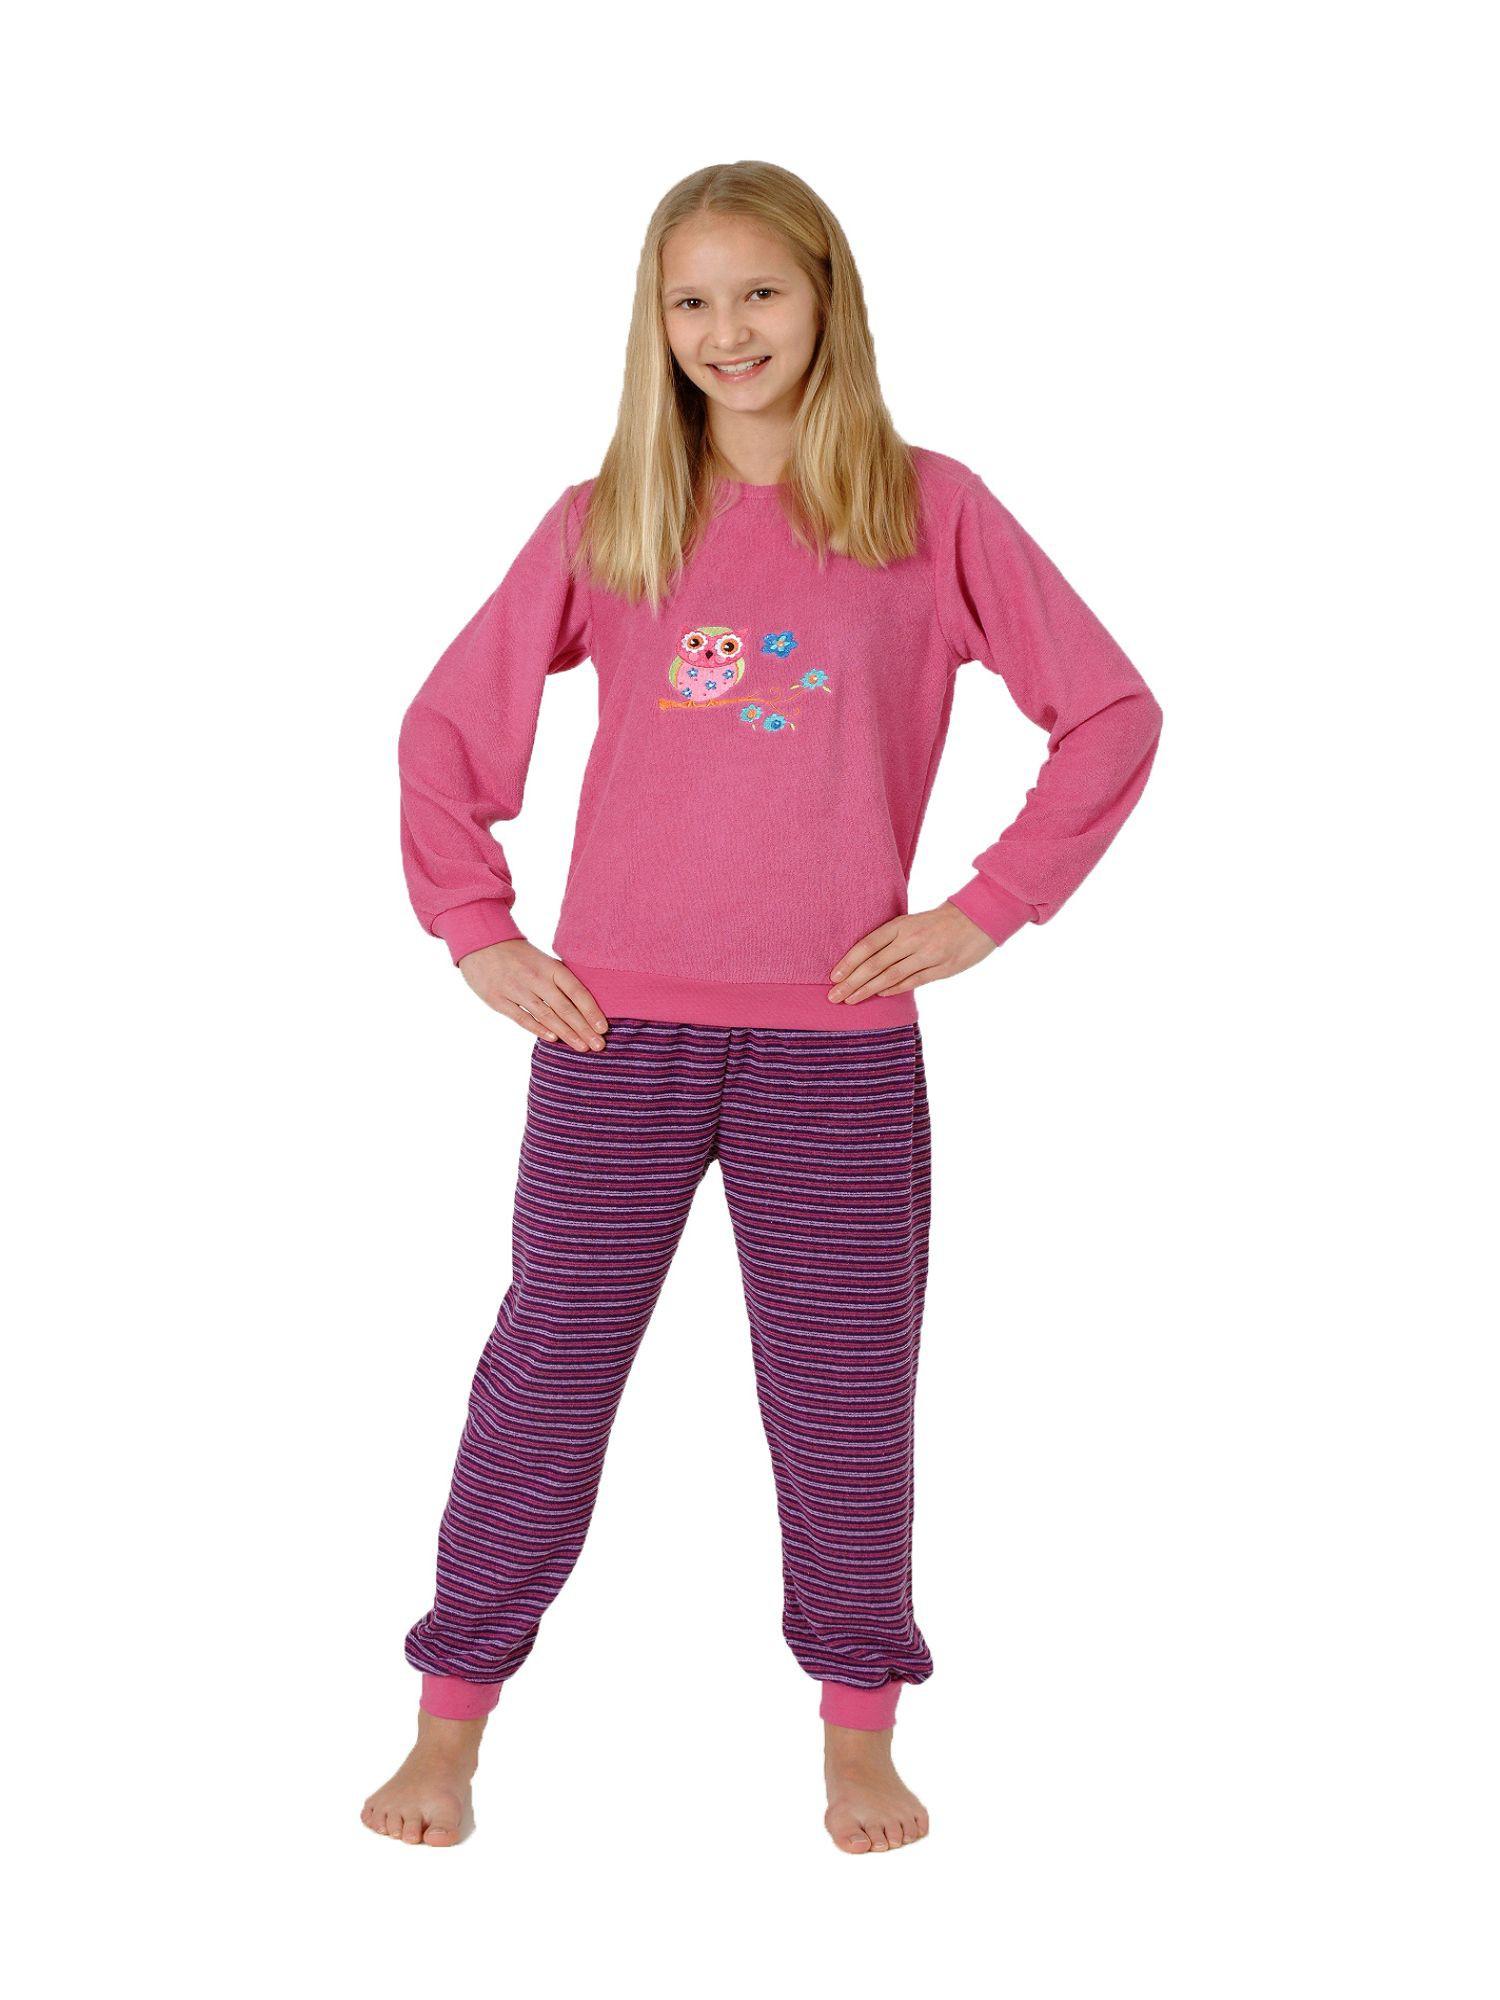 Kuscheliger Mädchen Frottee Schlafanzug Pyjama lang mit Bündchen und Eule als Motiv 55277 – Bild 1